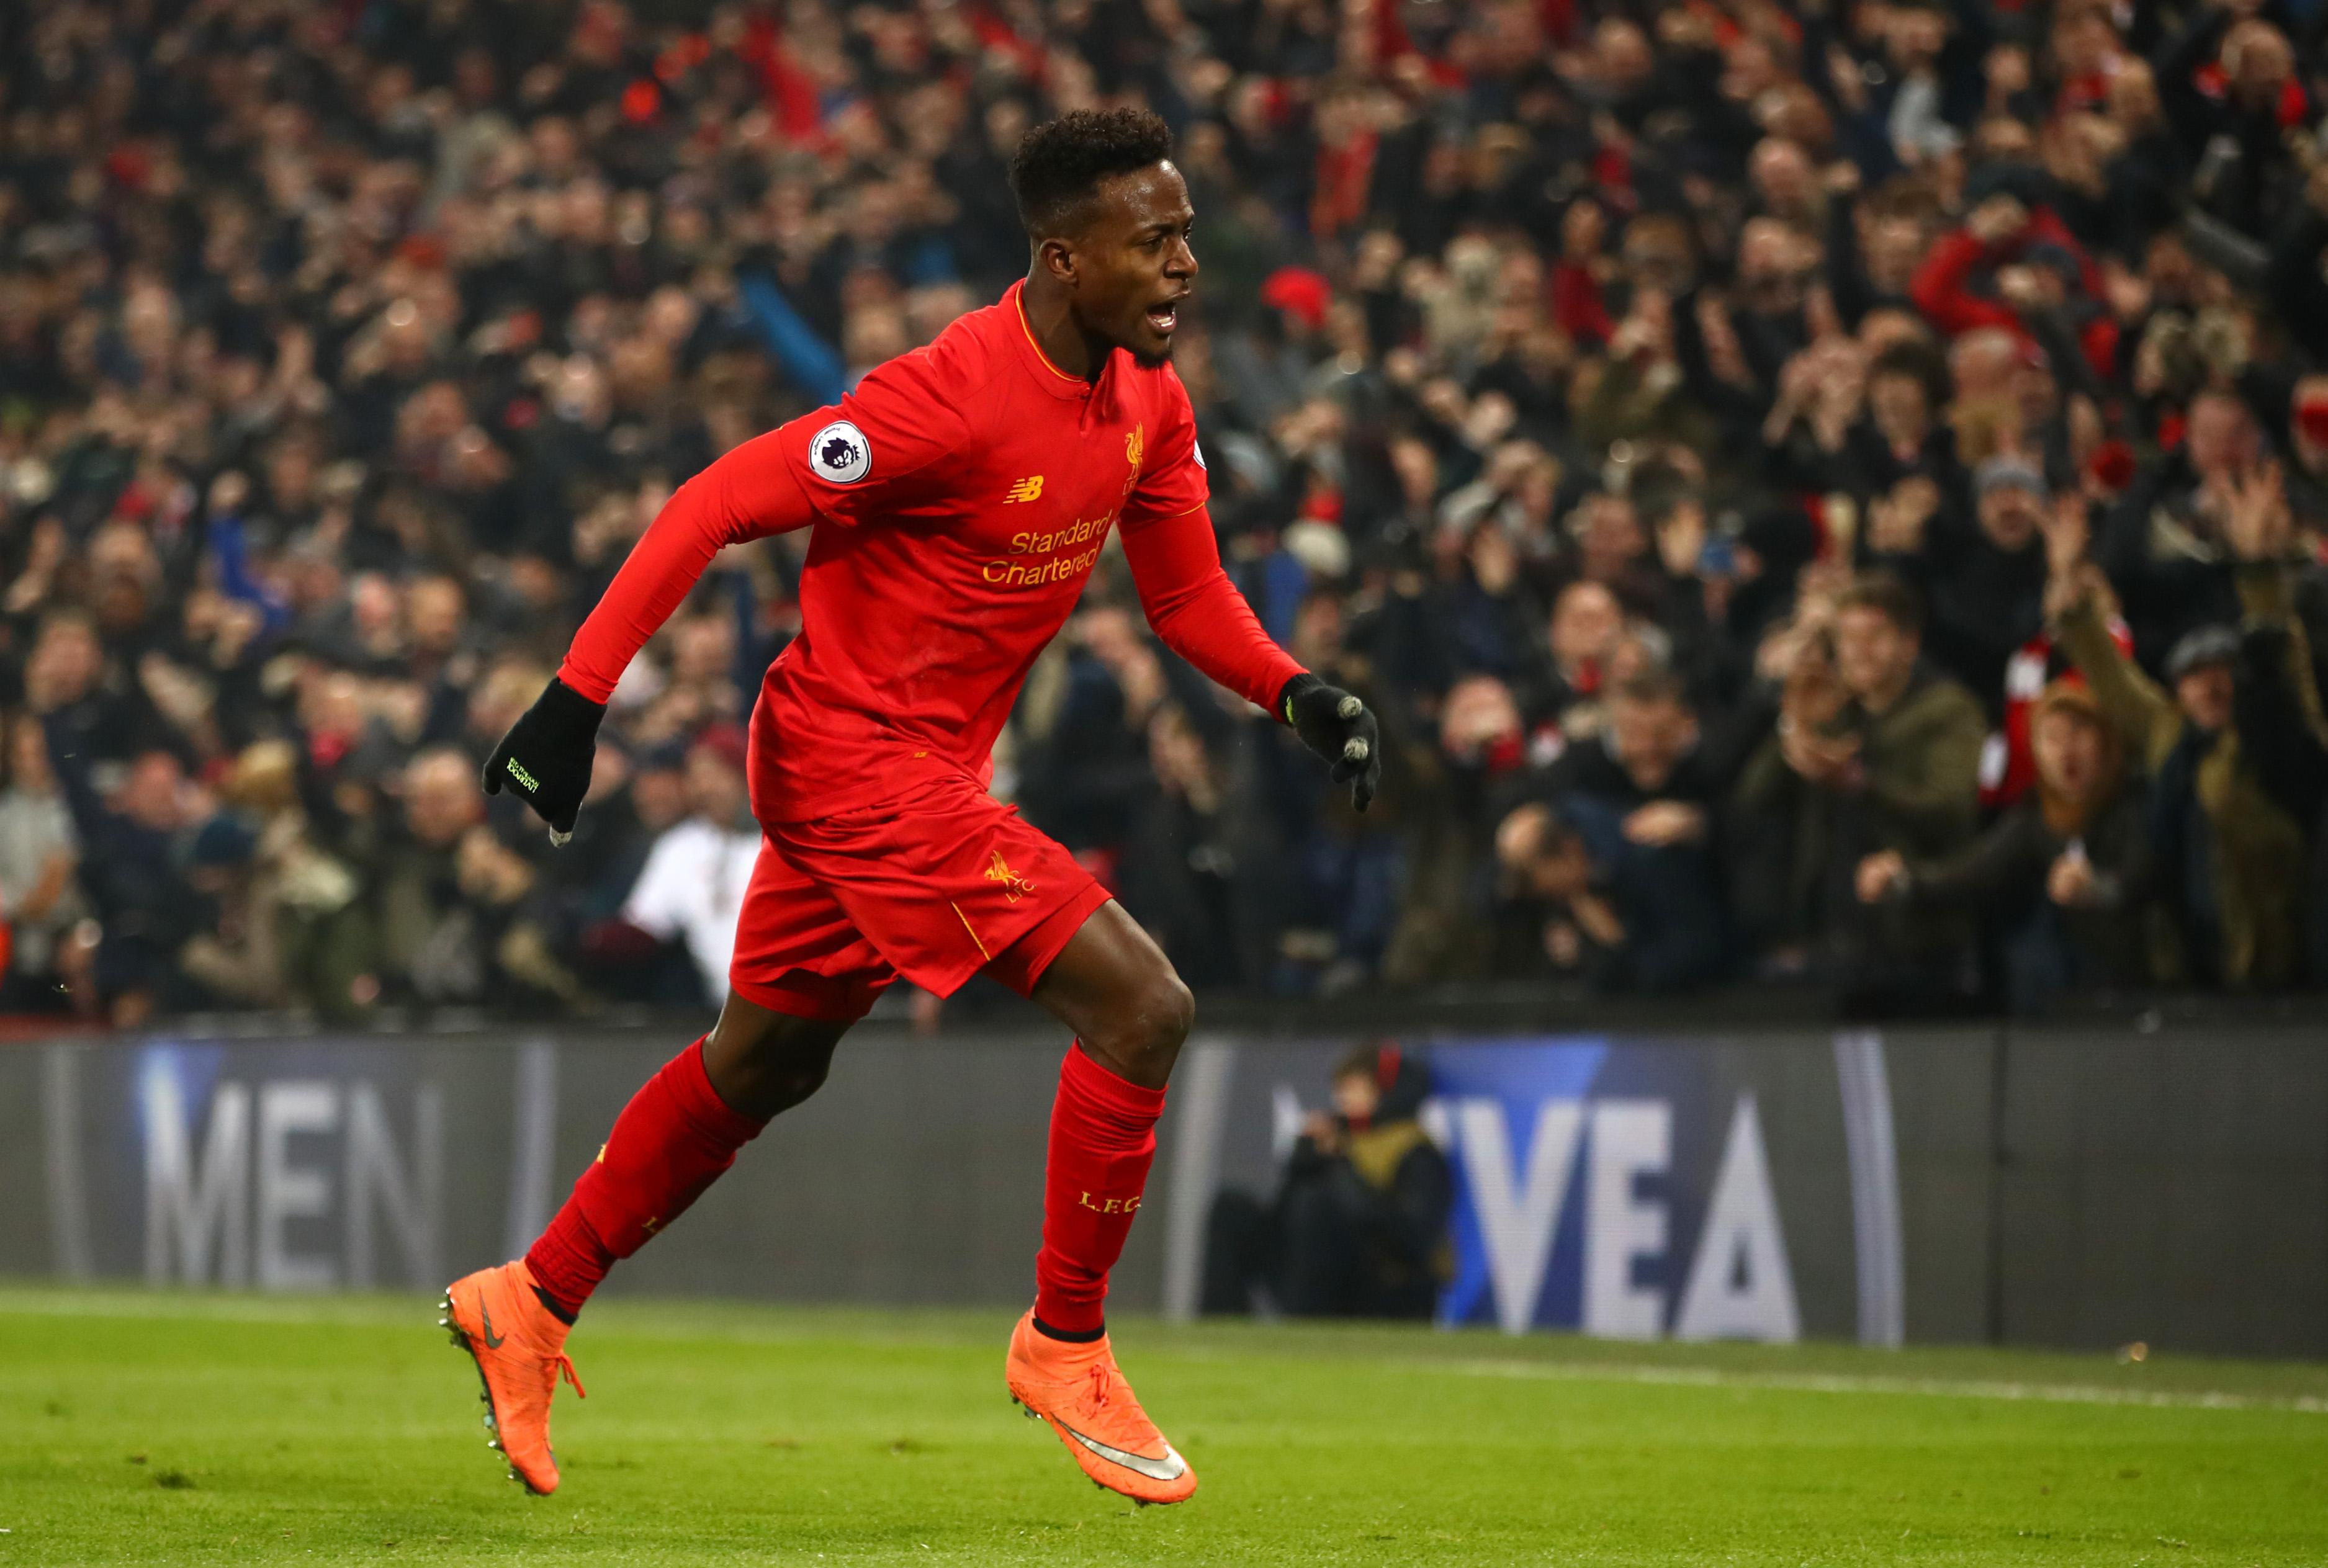 Liverpool's Divock Origi has scored five Premier League goals as a substitute